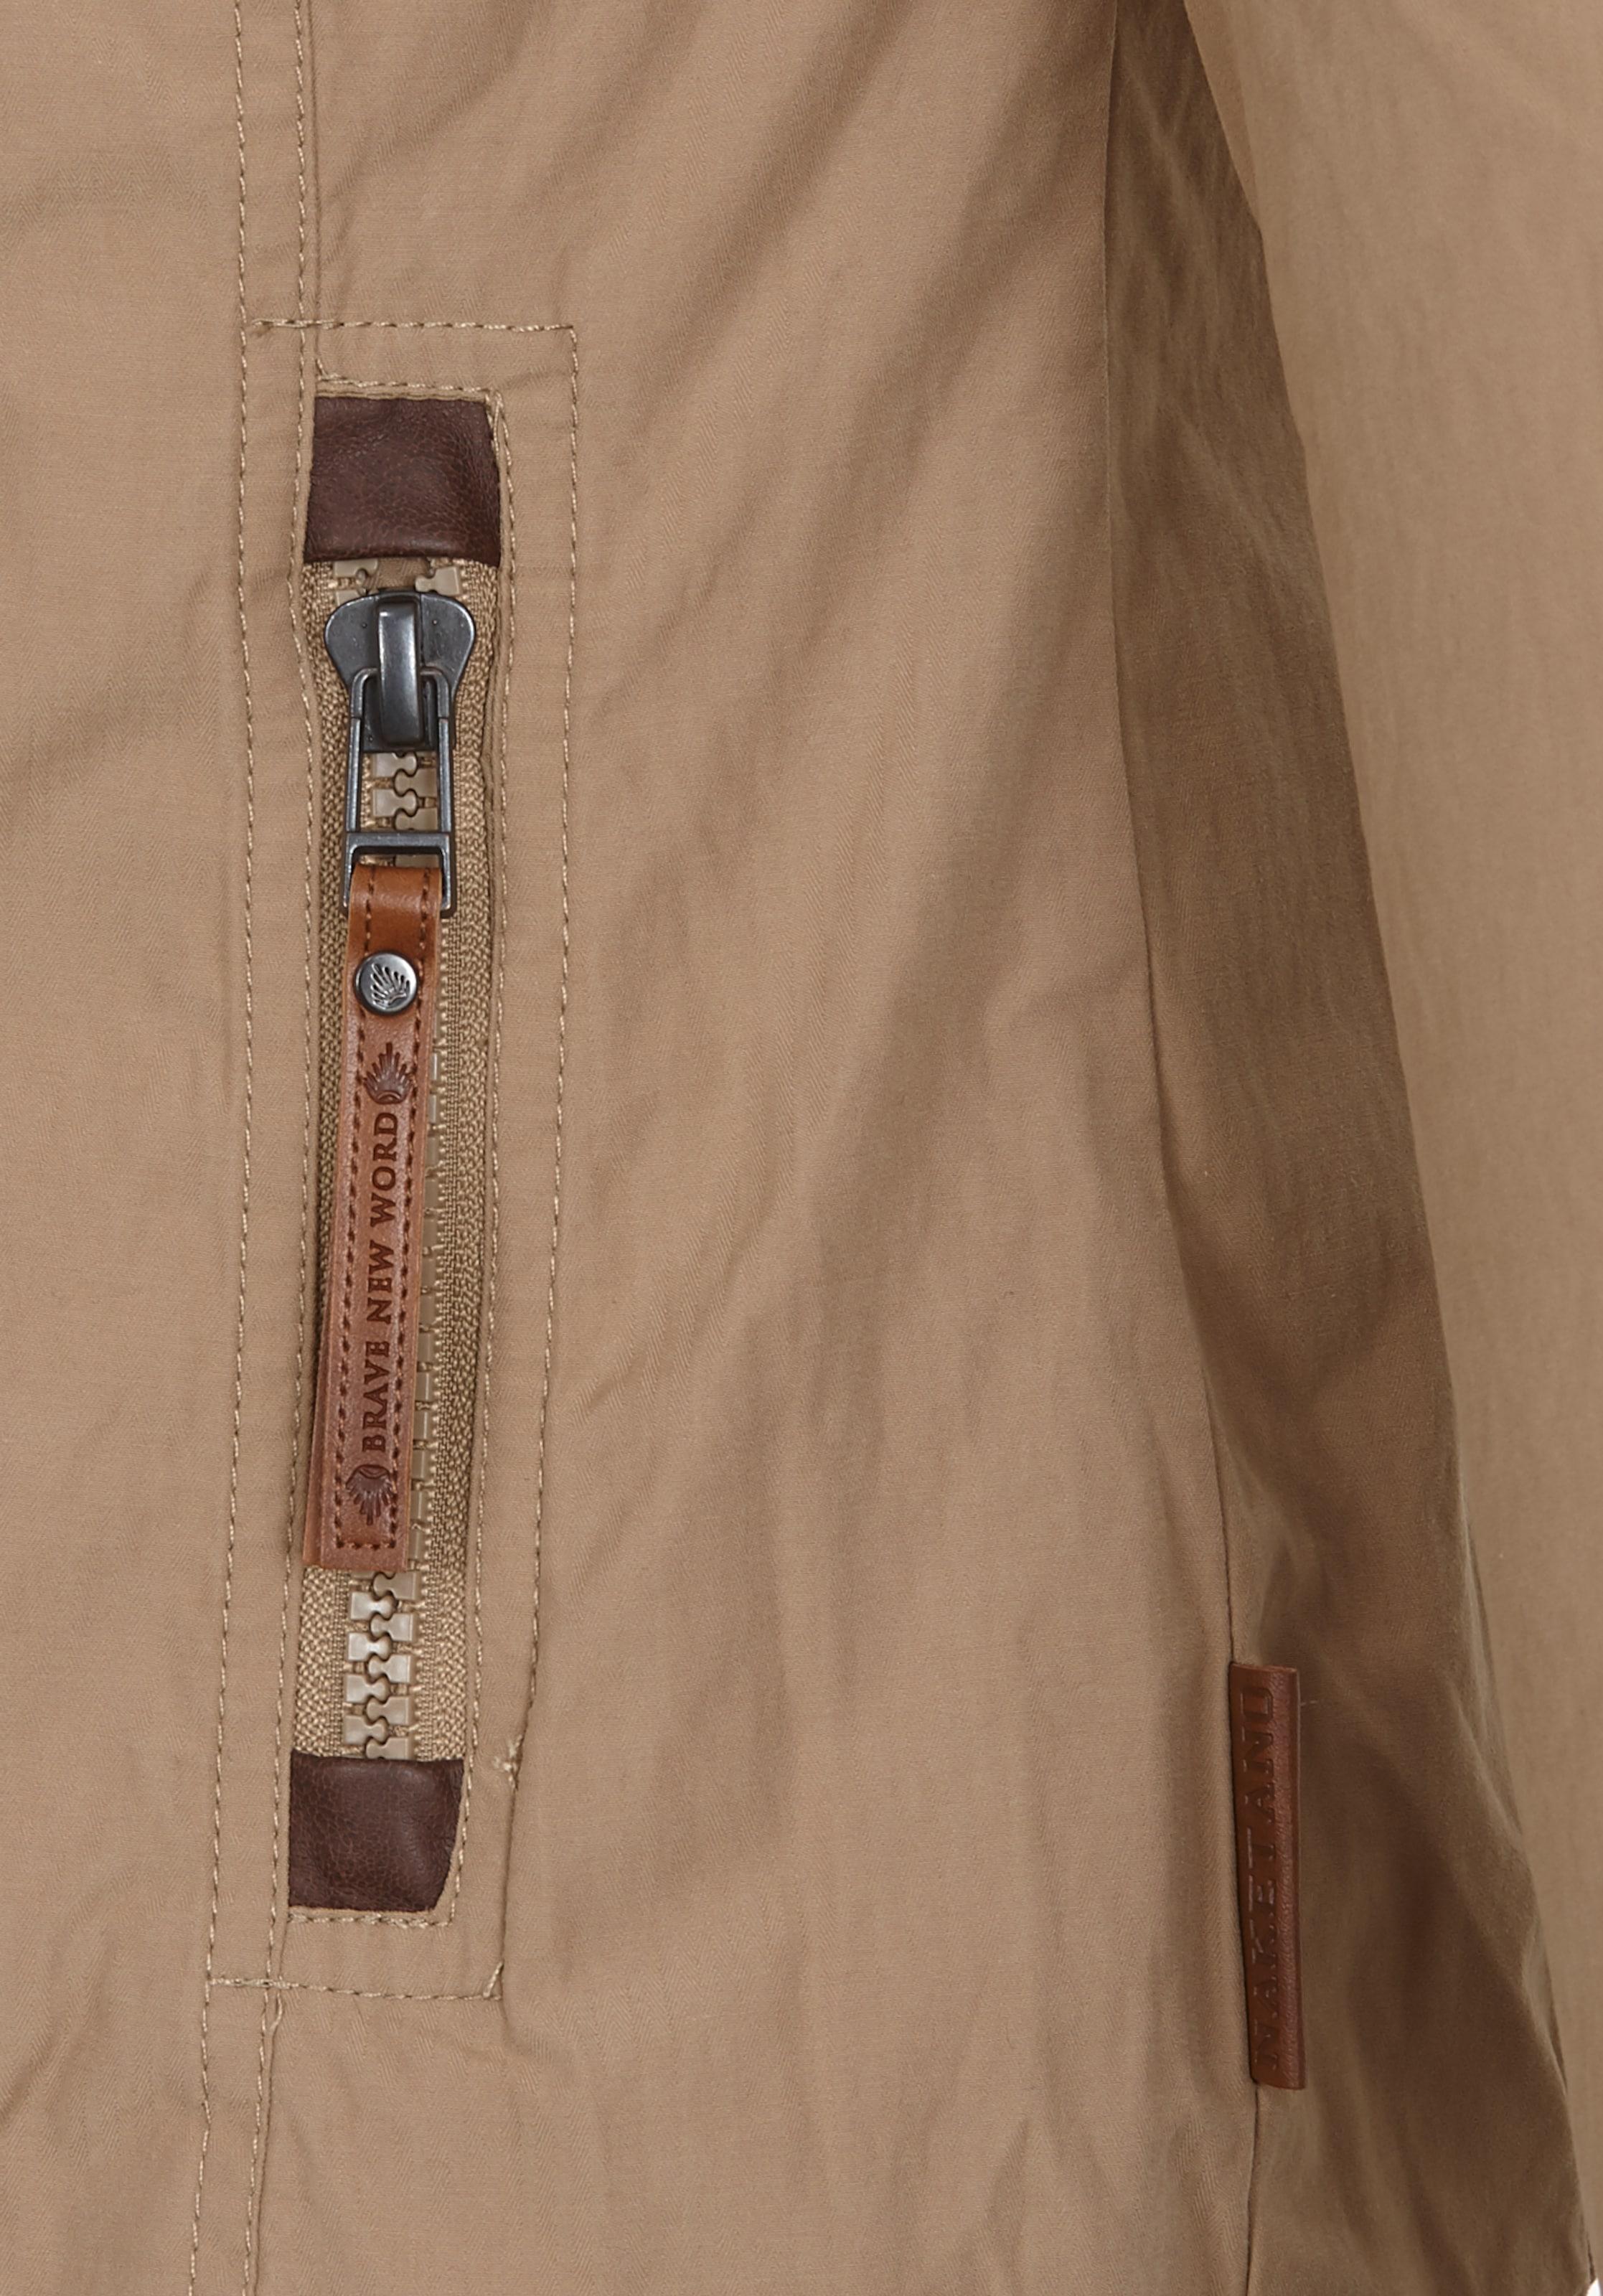 Naketano Werl Hier Sand Bist Jacket 'du In ' OuPZiwkXTl